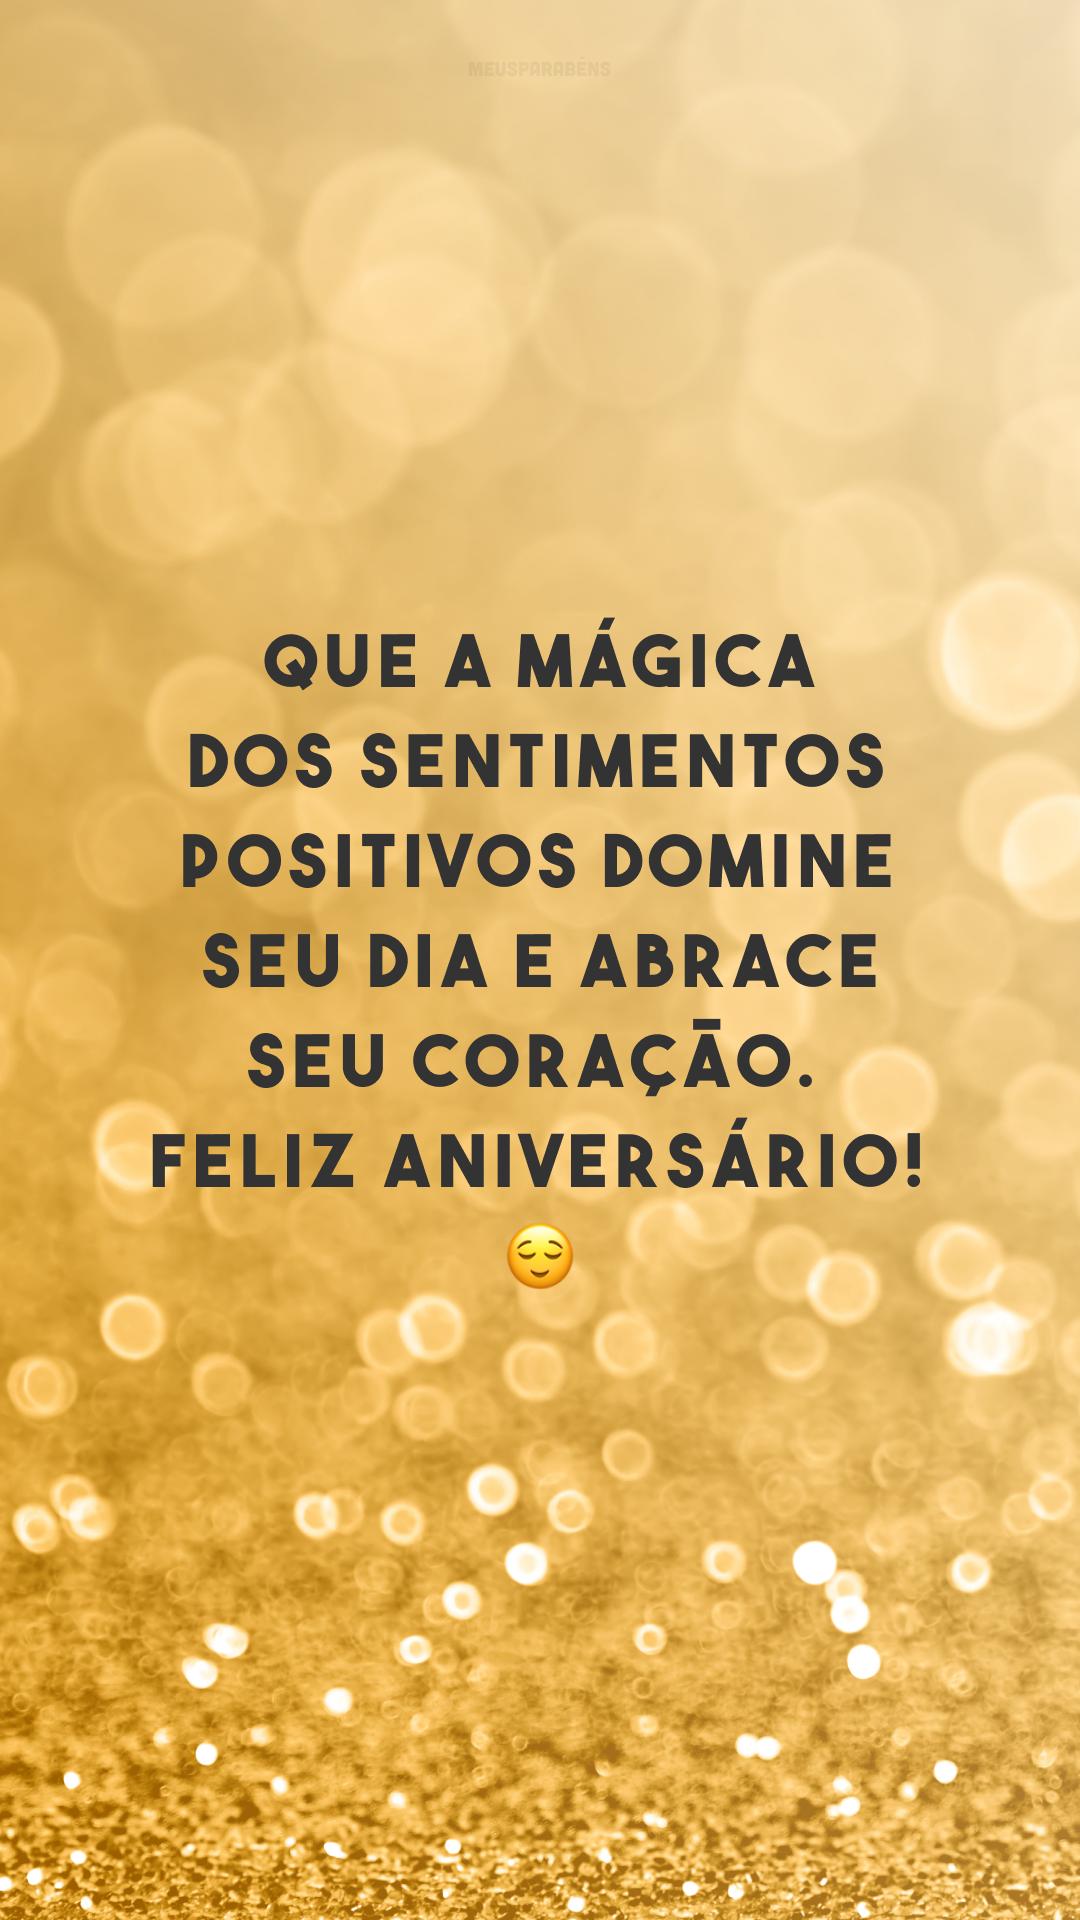 Que a mágica dos sentimentos positivos domine seu dia e abrace seu coração. Feliz aniversário! 😌